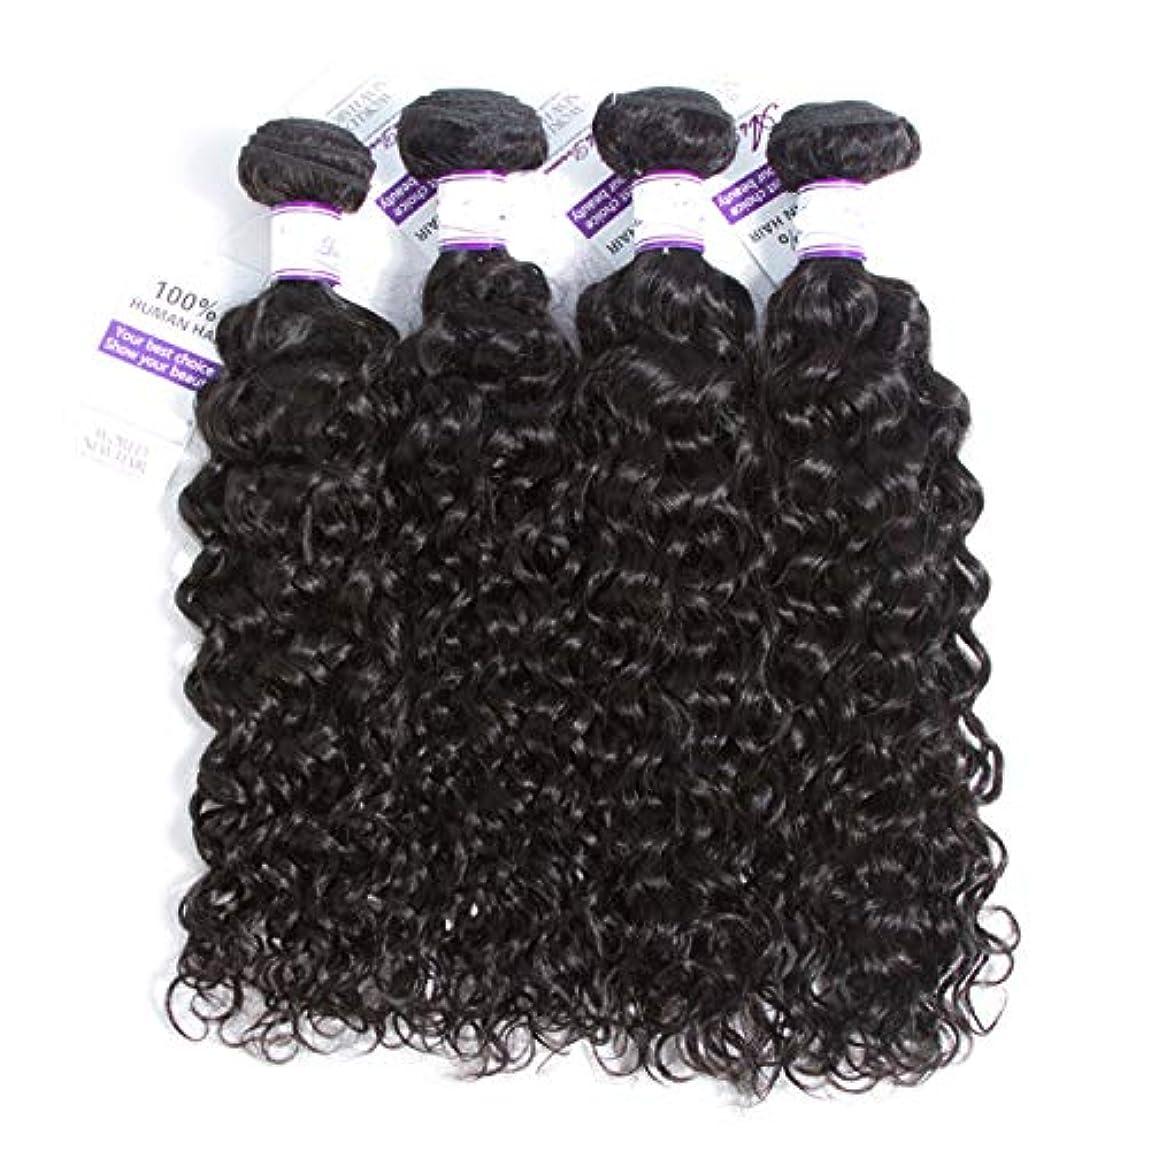 維持運動オーブンマレーシアの水の波髪4個人間の髪の毛の束非レミーの毛延長ナチュラルブラック (Length : 26 26 28 28)